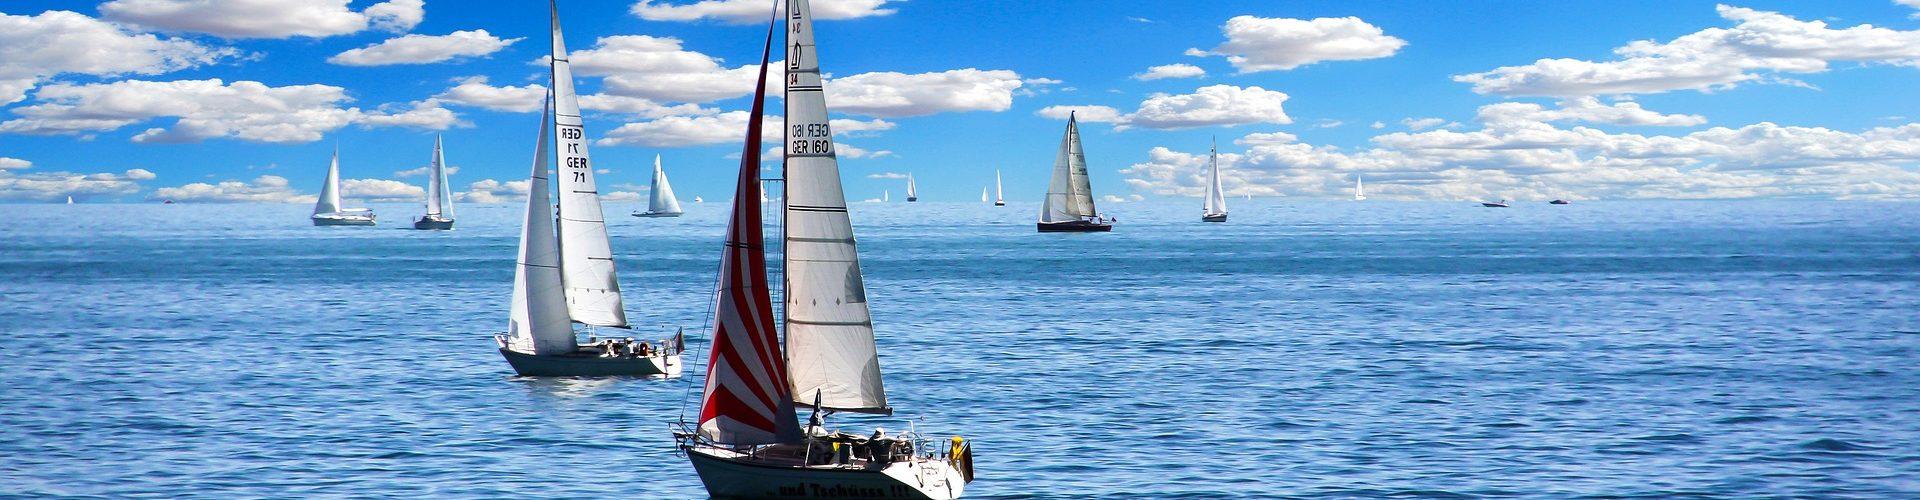 segeln lernen in Kamenz segelschein machen in Kamenz 1920x500 - Segeln lernen in Kamenz